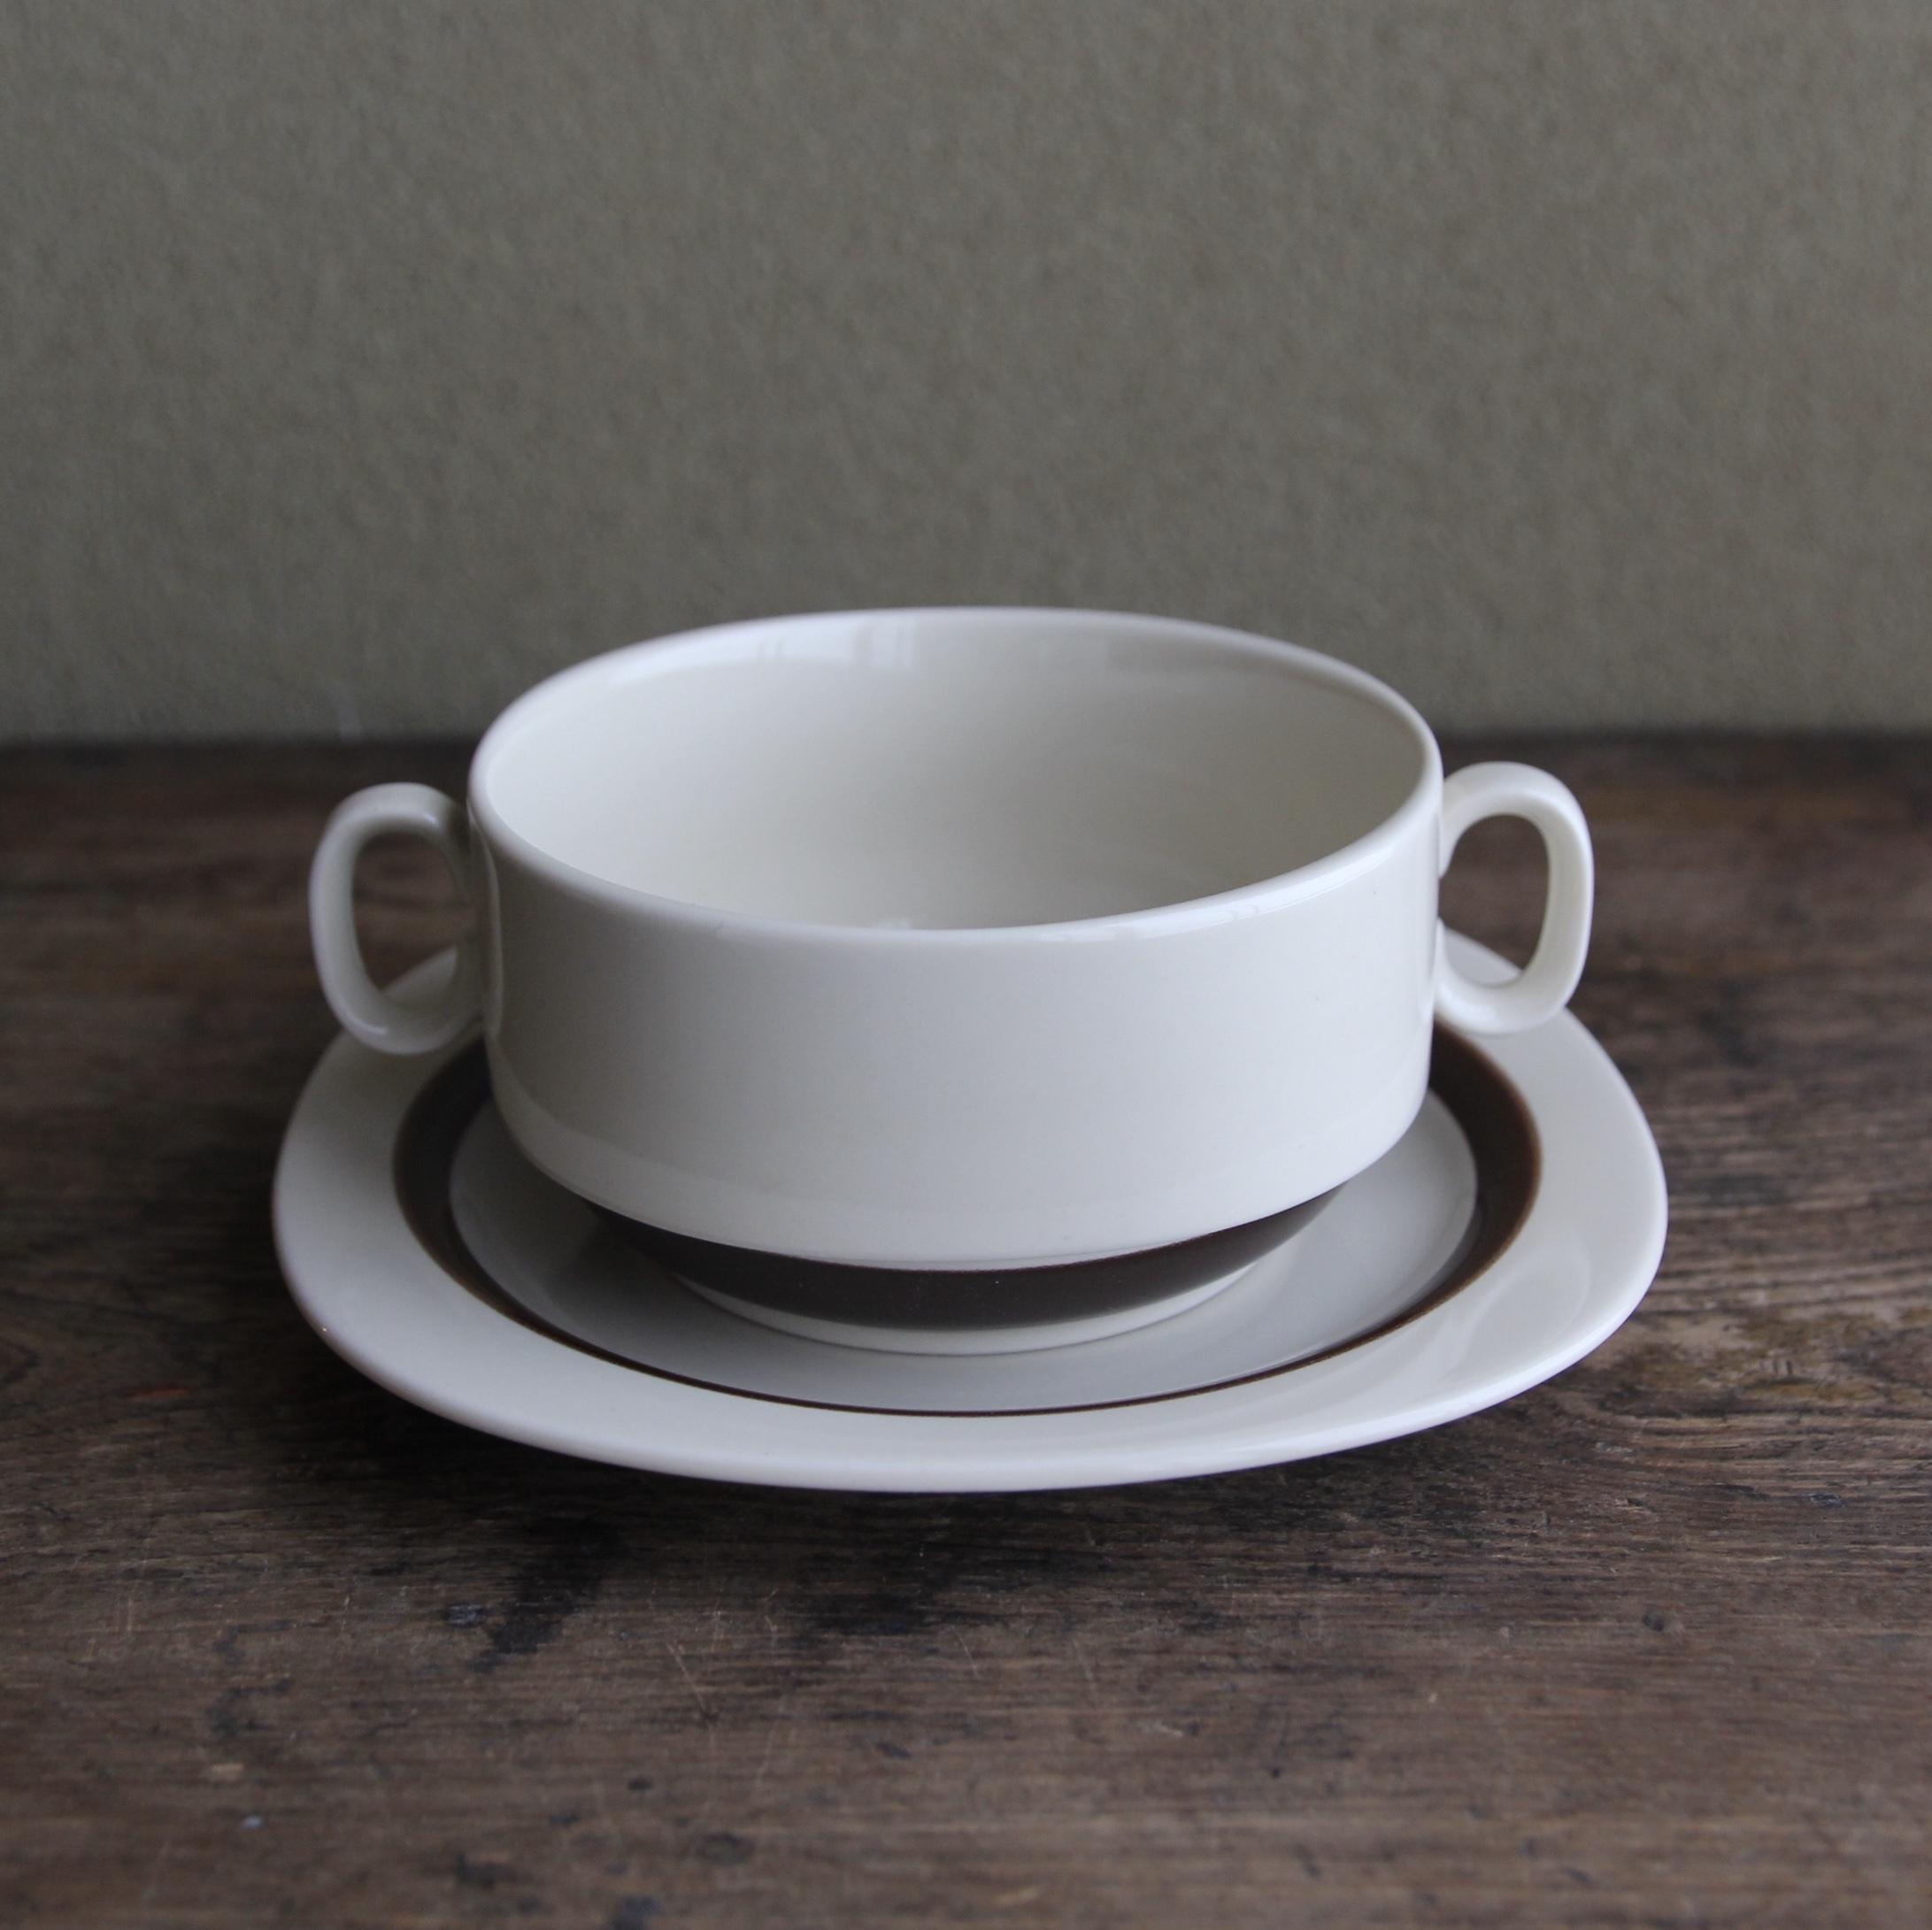 ロジエ スープカップ&ソーサー 在庫1セット